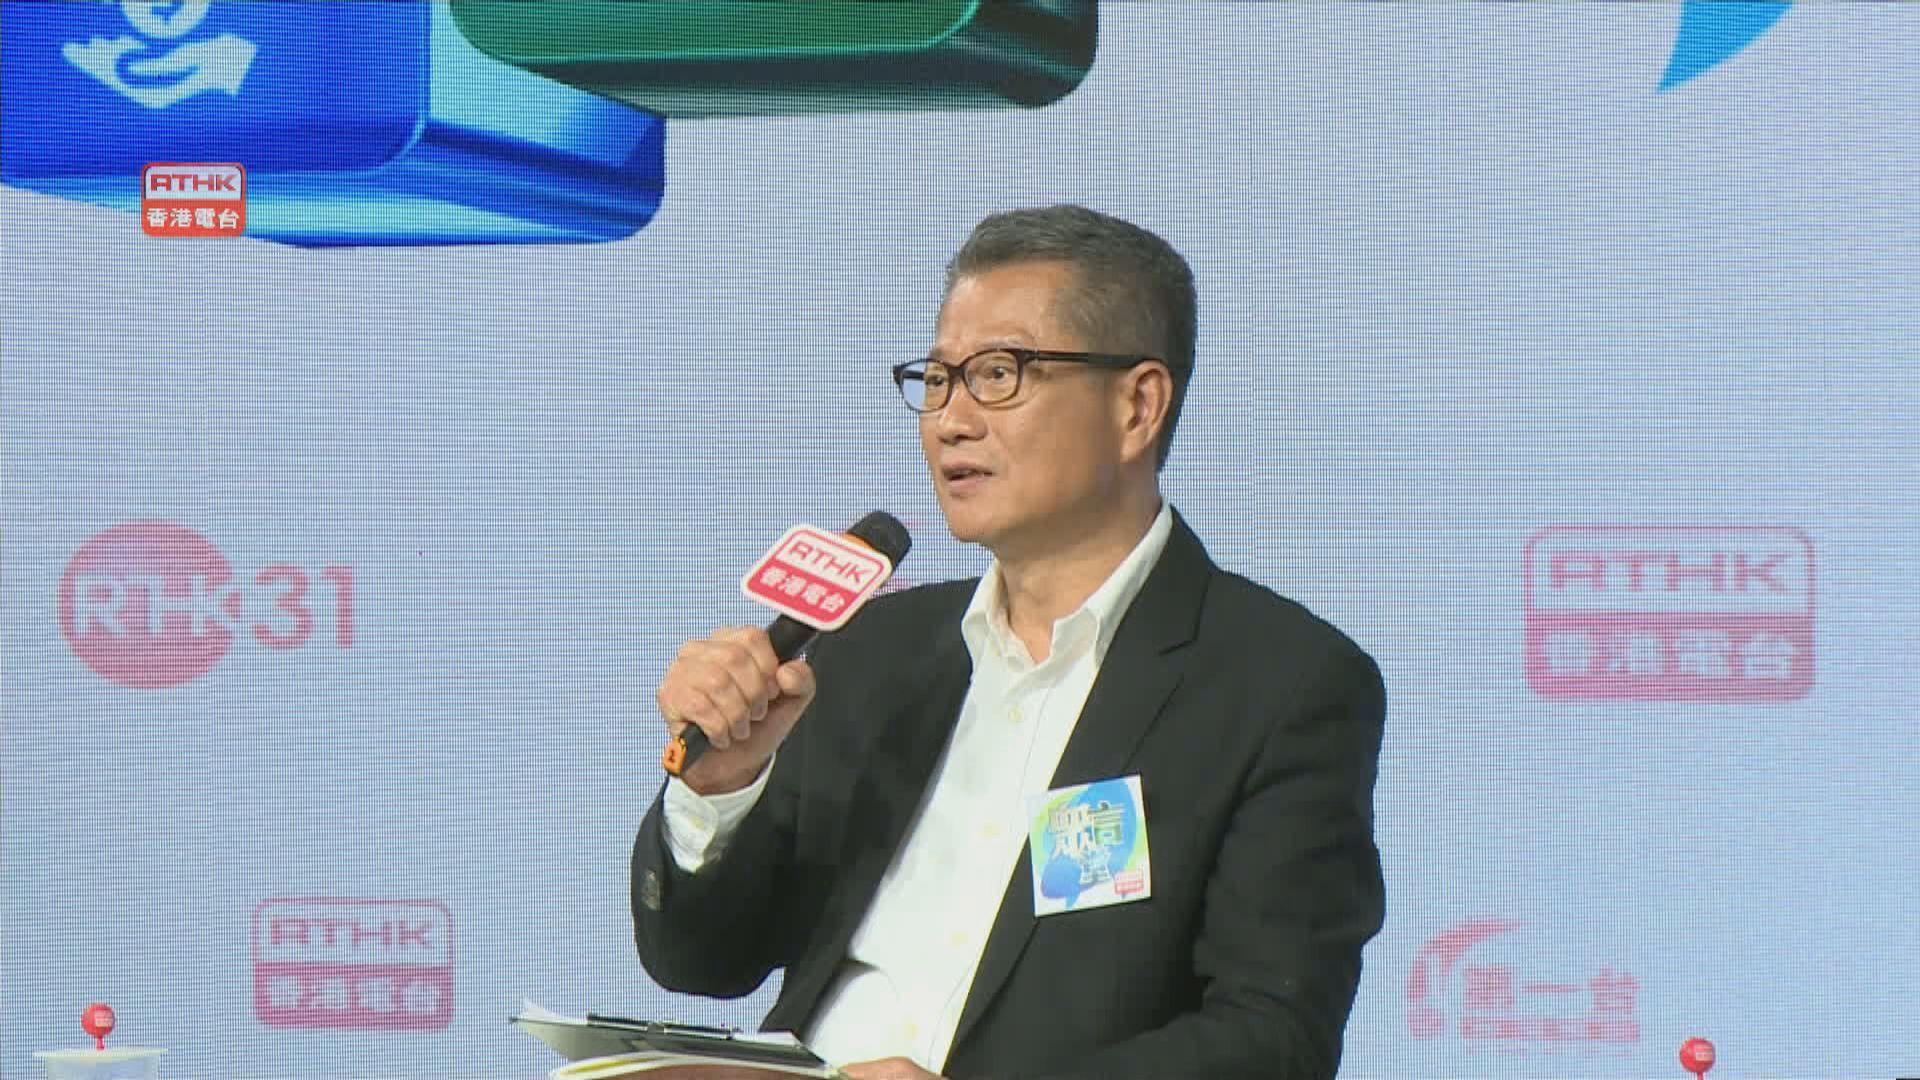 陳茂波指政府準備工作需時 會盡快派四千元